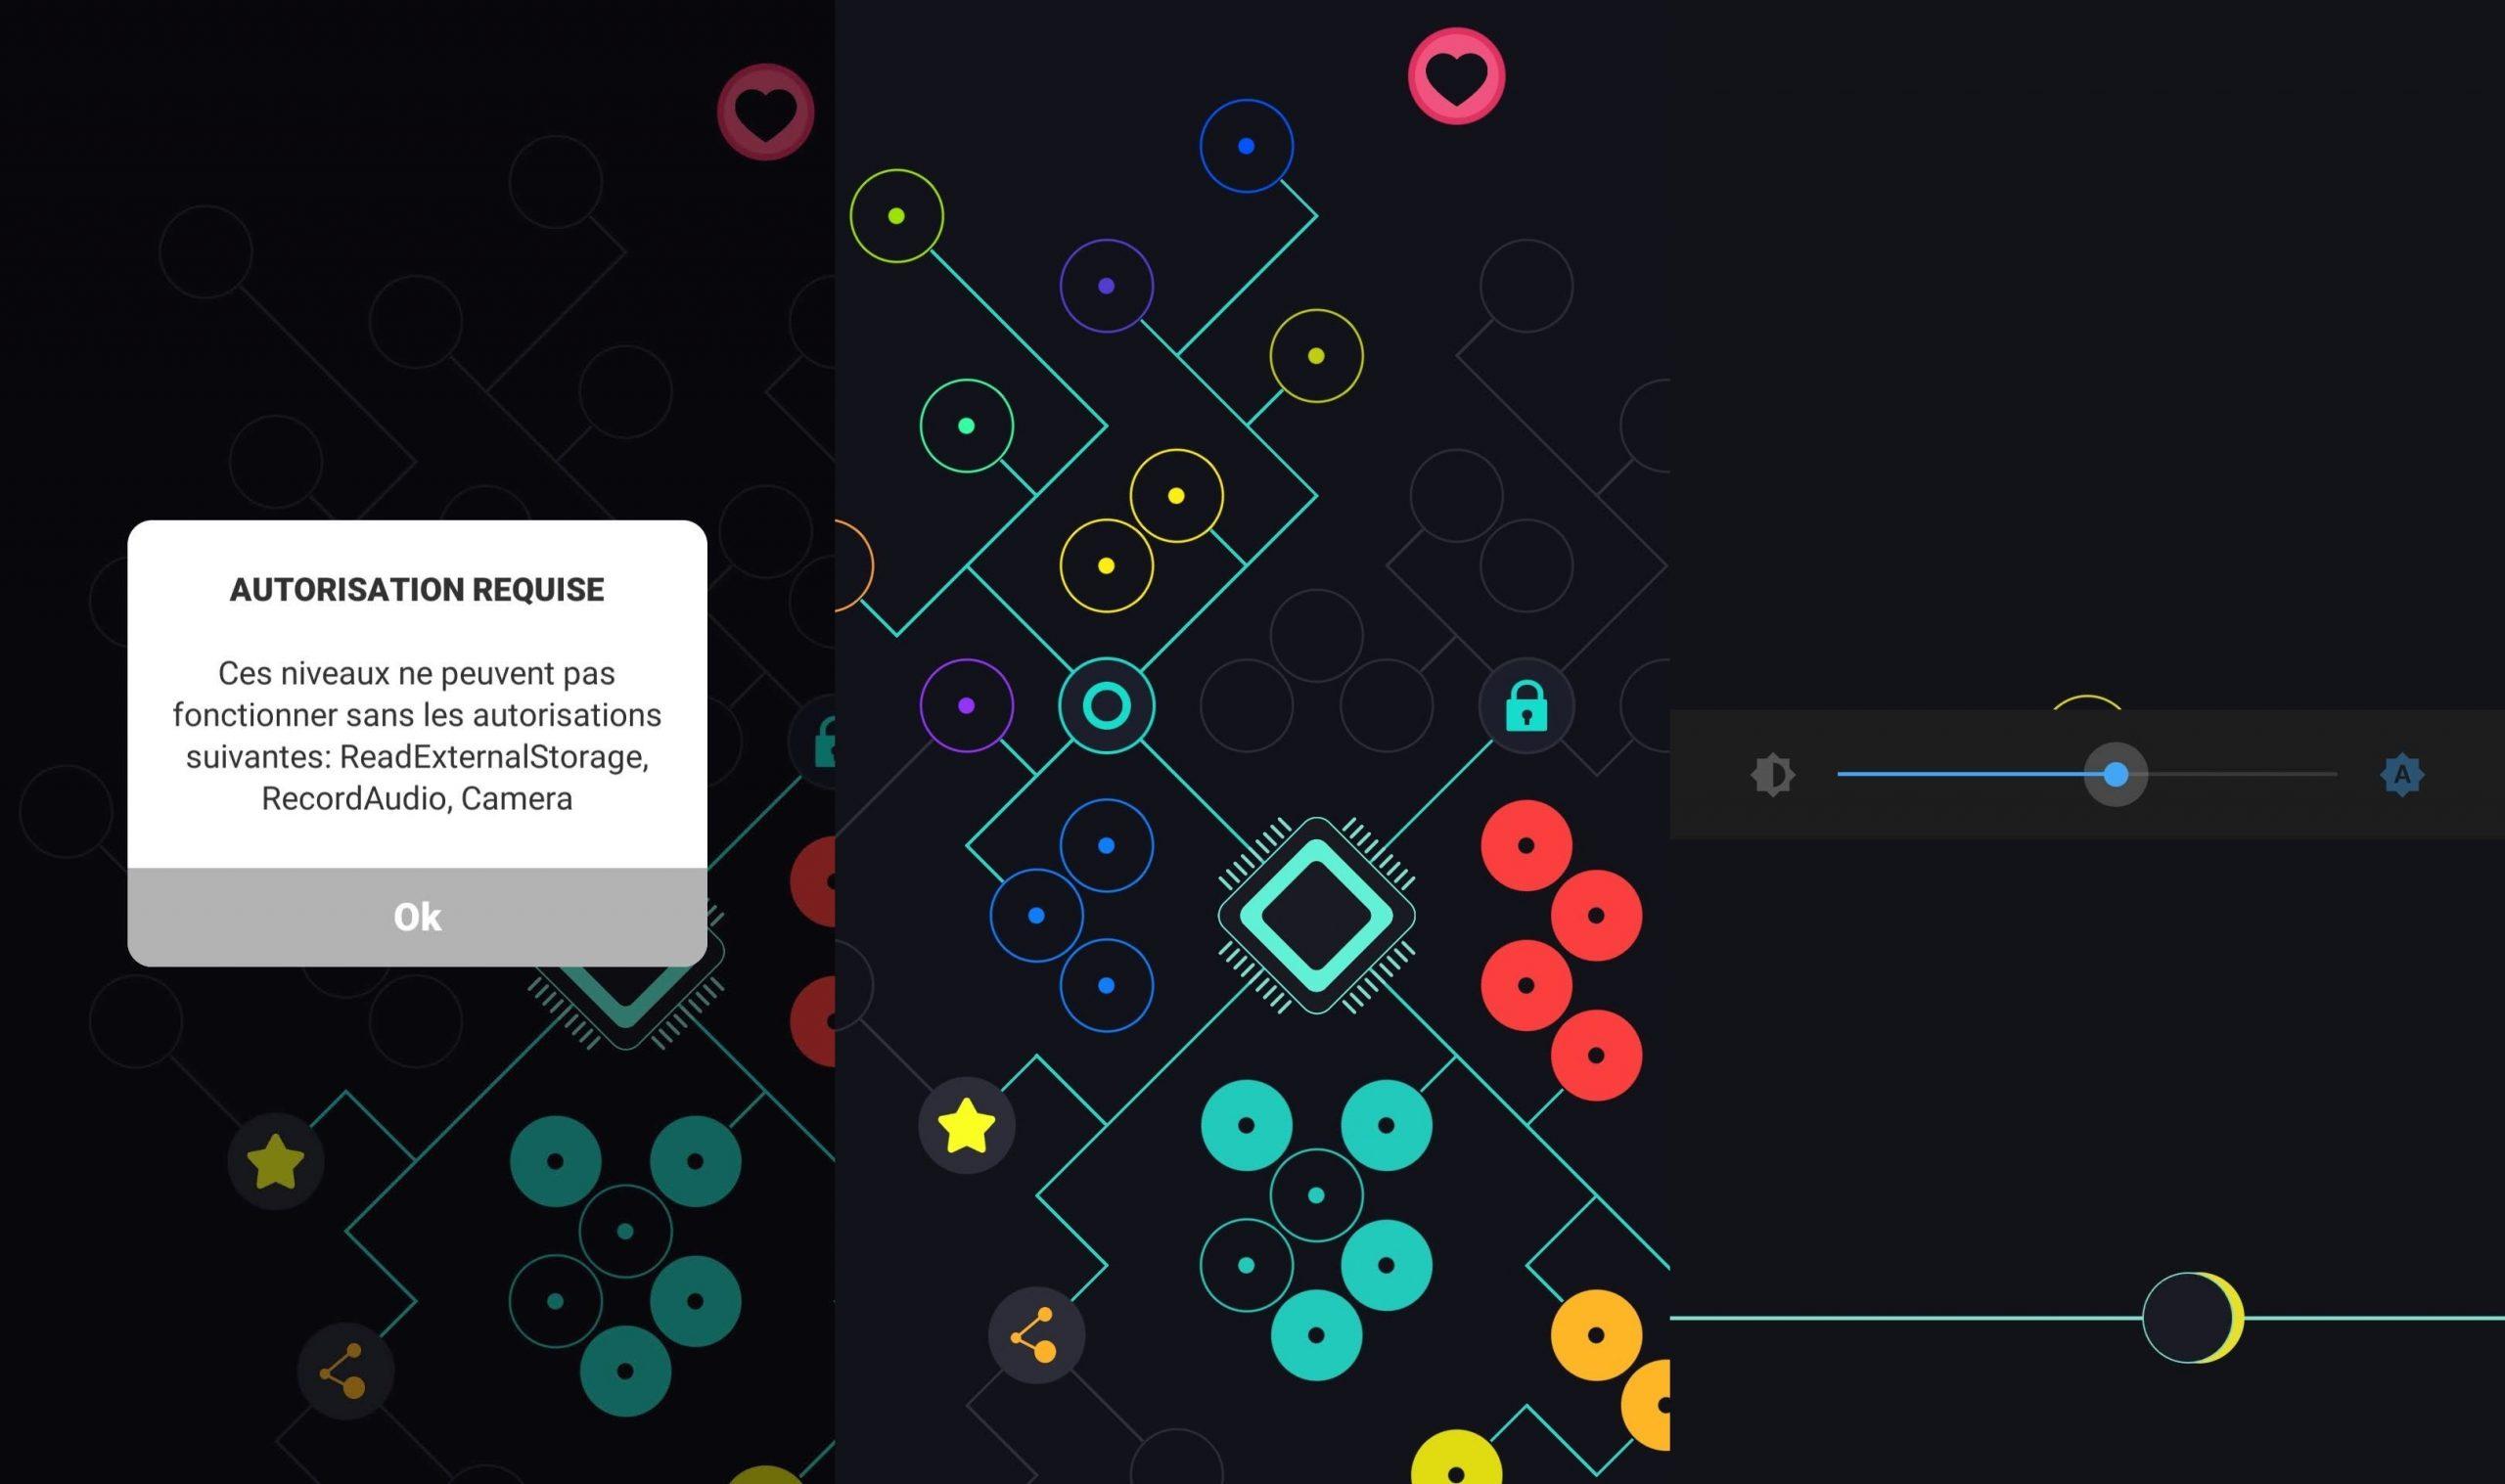 Les Meilleurs Jeux De Réflexion Gratuits Sur Android, Iphone encequiconcerne Puzzles Gratuits Sans Téléchargement